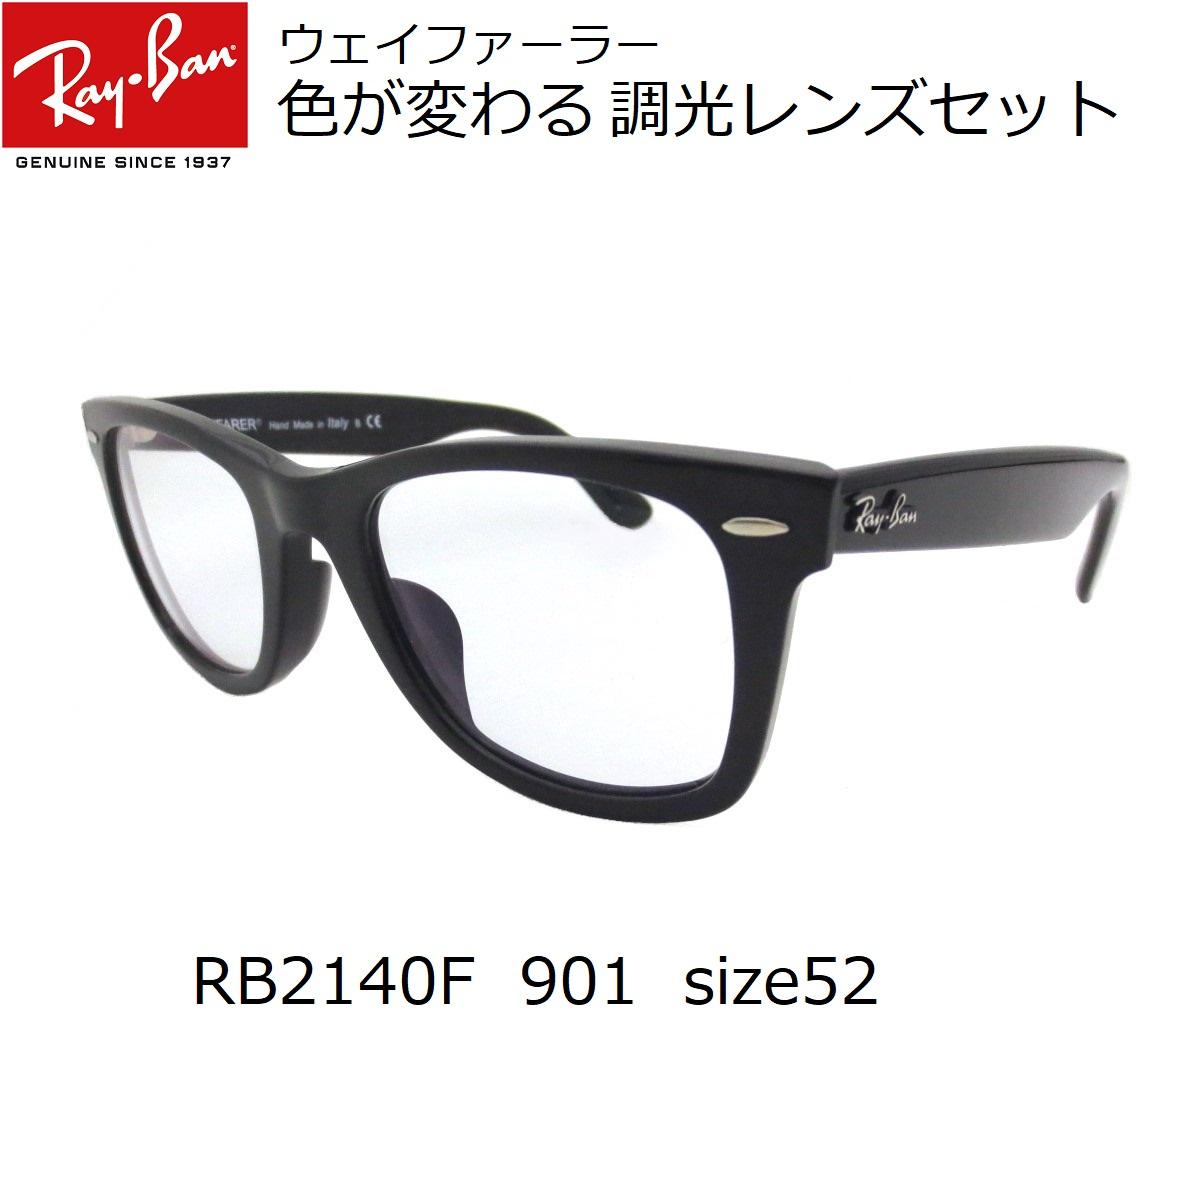 あす楽対応・色が変わる調光レンズ付 Ray-Ban(レイバン)RB2140F 901(52)【色が変わる調光レンズ付 送料無料 調光サングラスセット】(調光レンズ 調光サングラス)大人気のウェイファーラー WAYFARER セルフレーム フルフィット メンズ 男女兼用 RB2140F 901 52